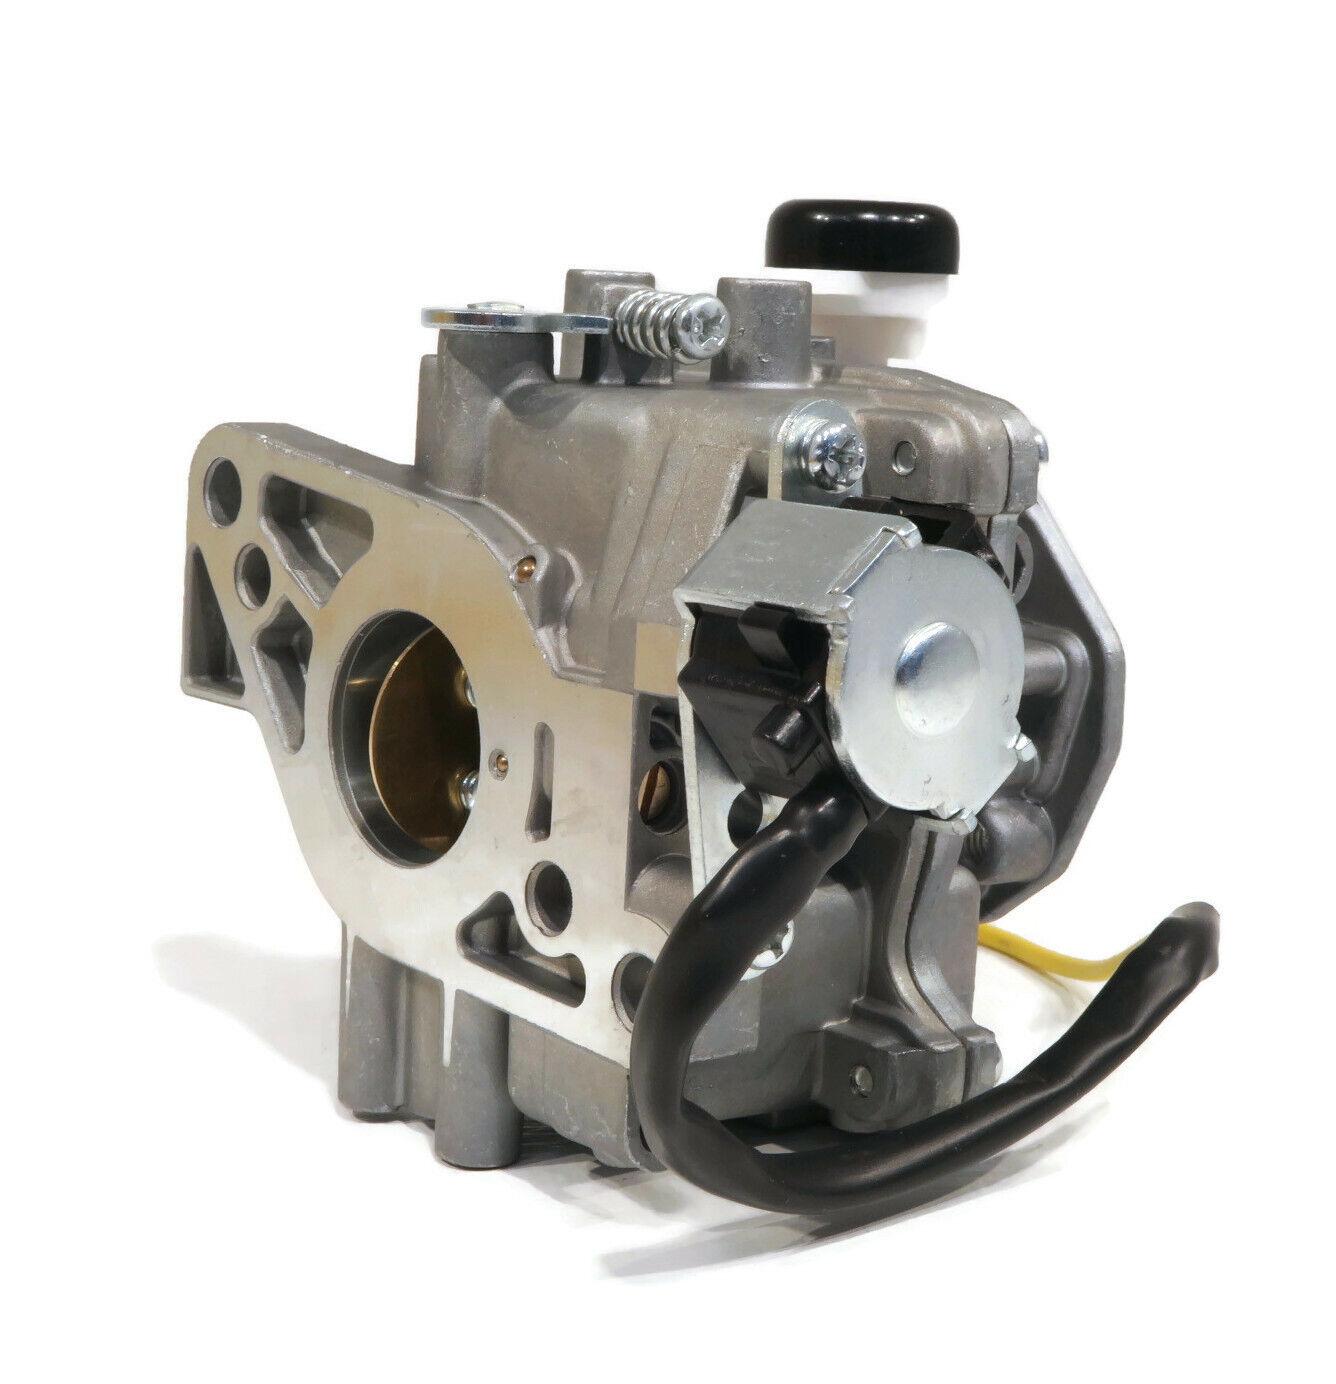 Carburetor with Gaskets for 22.5 HP Marketing Basic CH680-3001 Kohler Engines